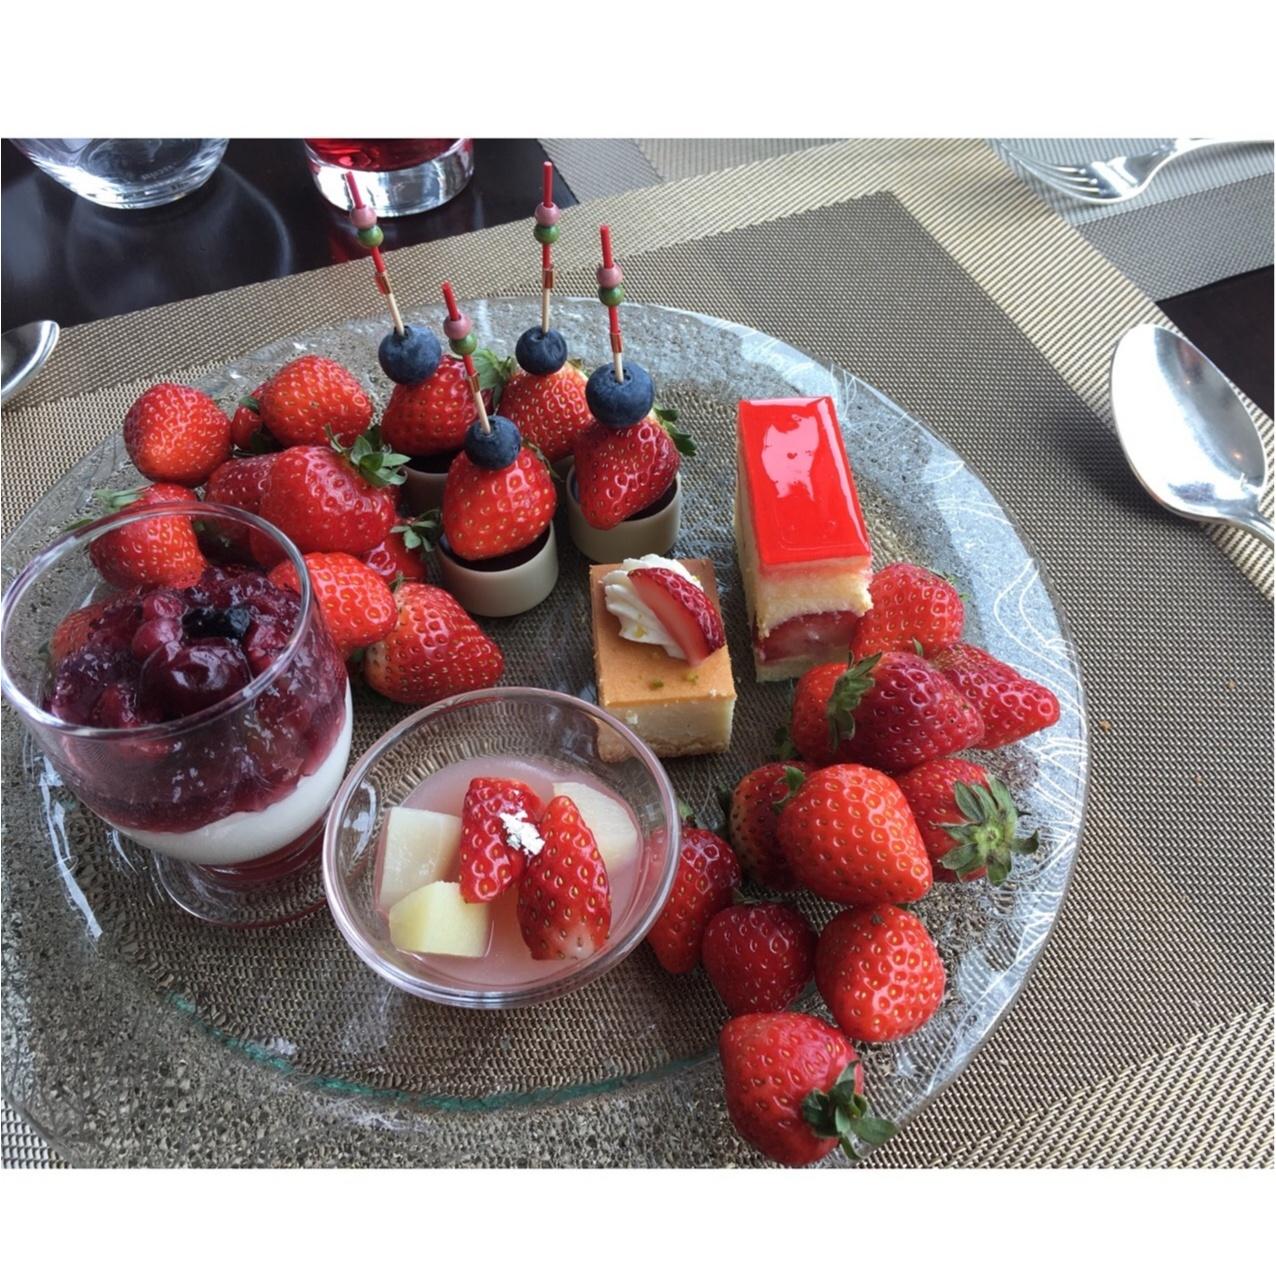 【ホテルランチ】予約困難な「オトナ苺スイーツブッフェ」が食べられるコンラッド東京のおすすめランチとは…♡_4